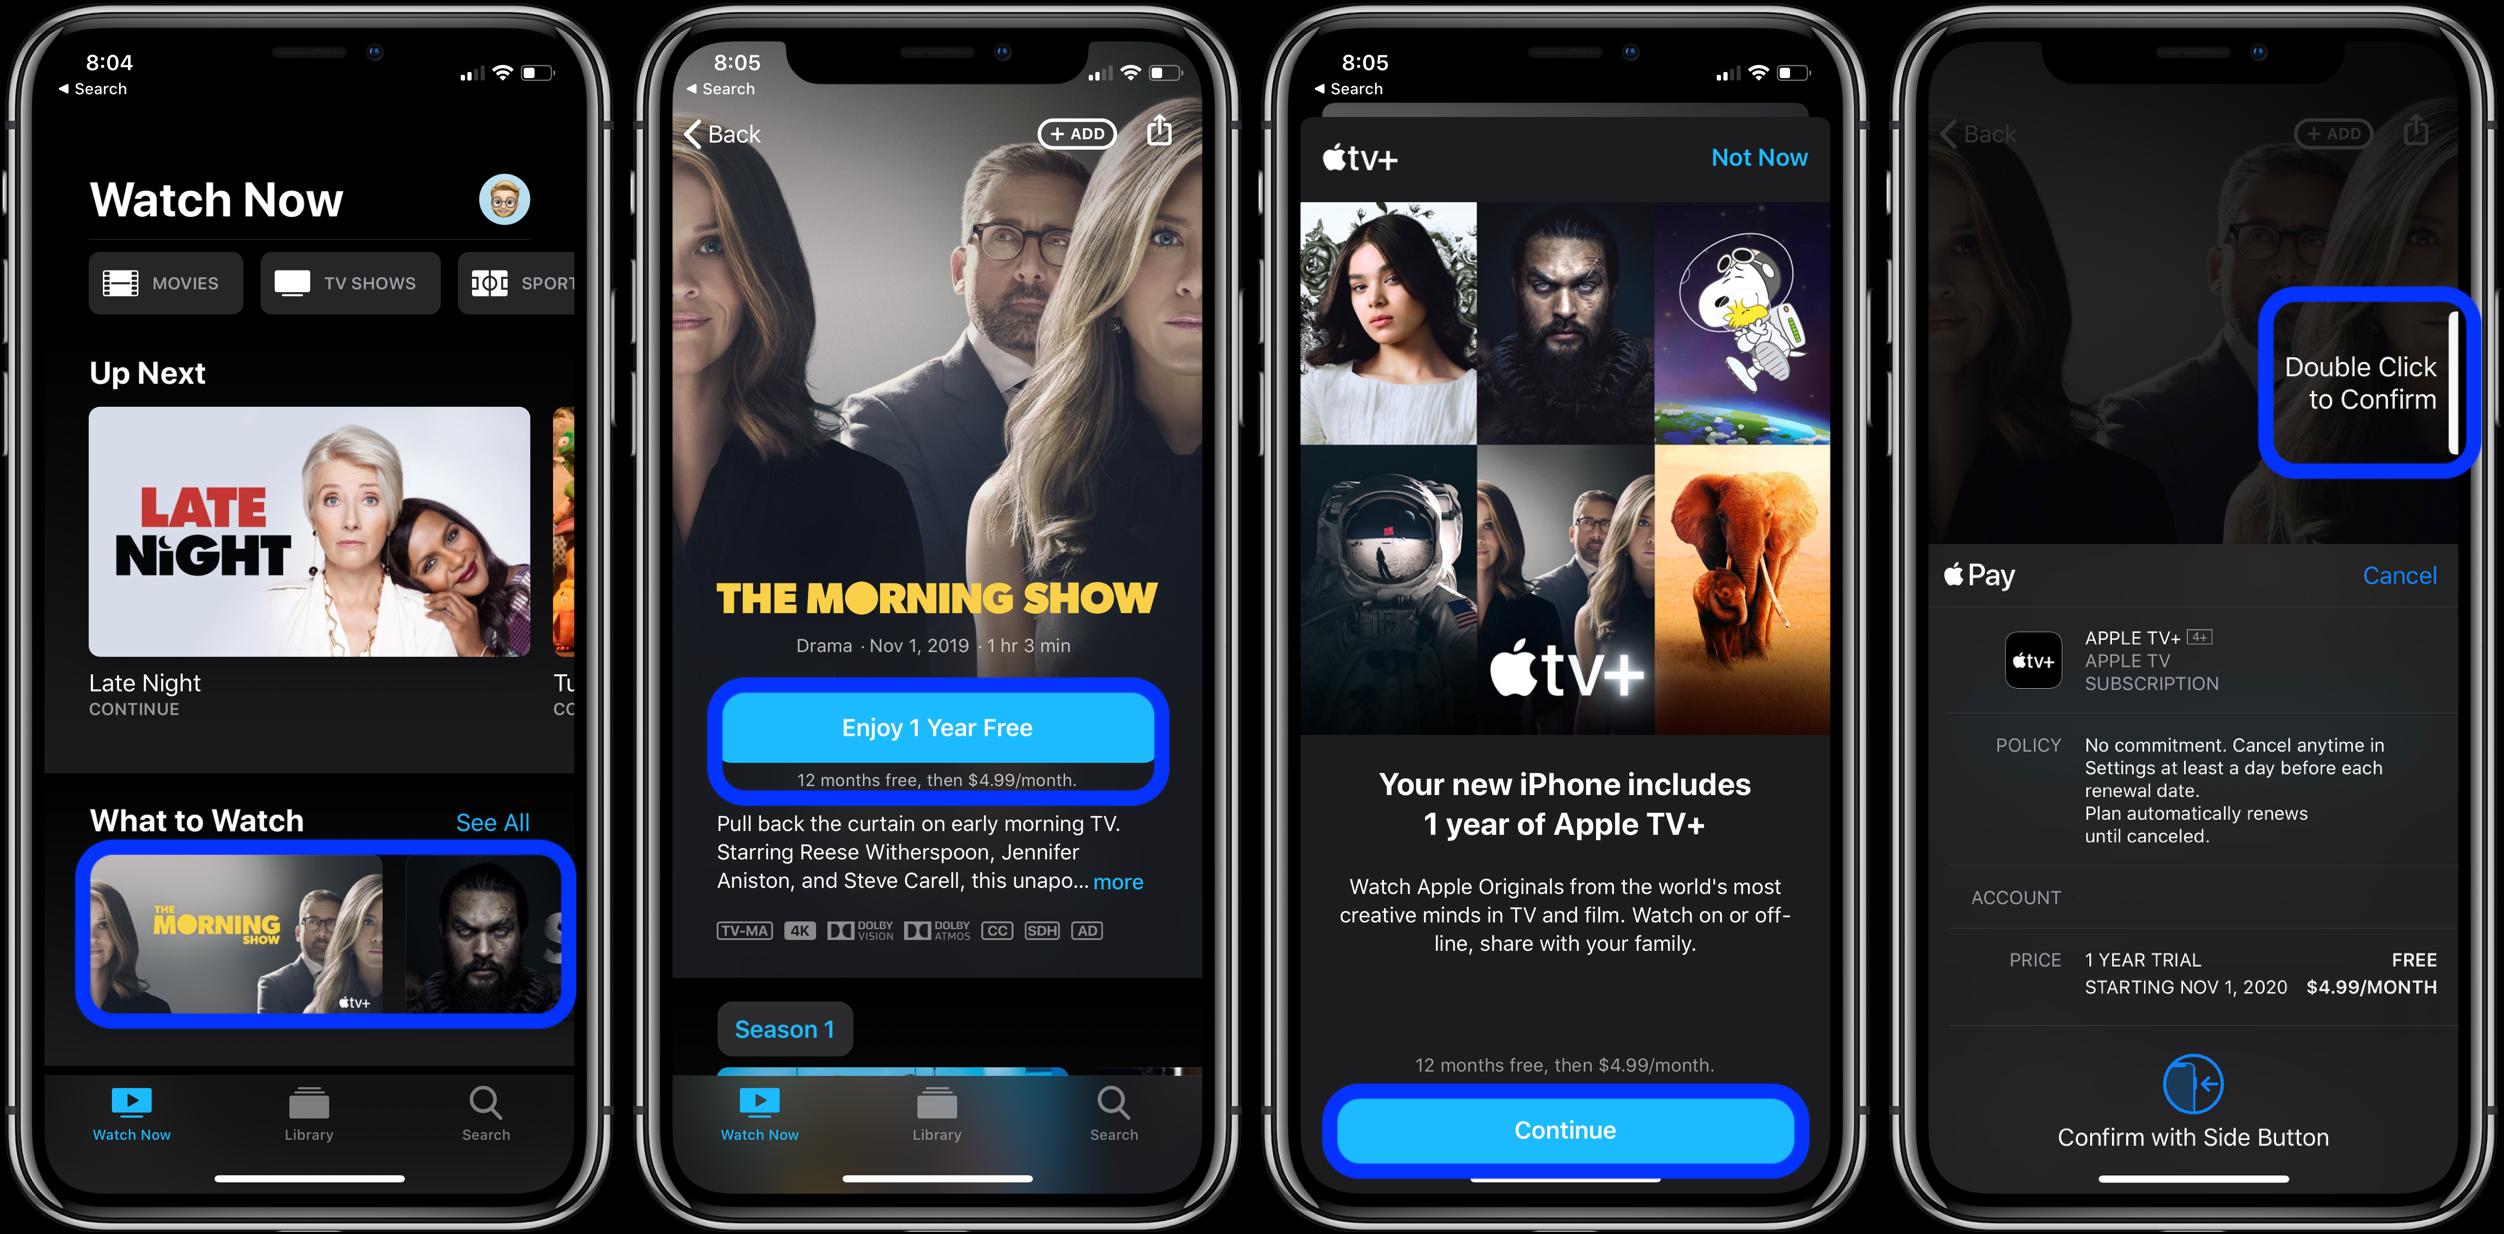 """<span href=""""https://9to5mac.com/2019/11/01/how-to-get-free-year-apple-tv-plus/"""">Aquí es cómo conseguir que su año gratis de Apple TV+</a>"""